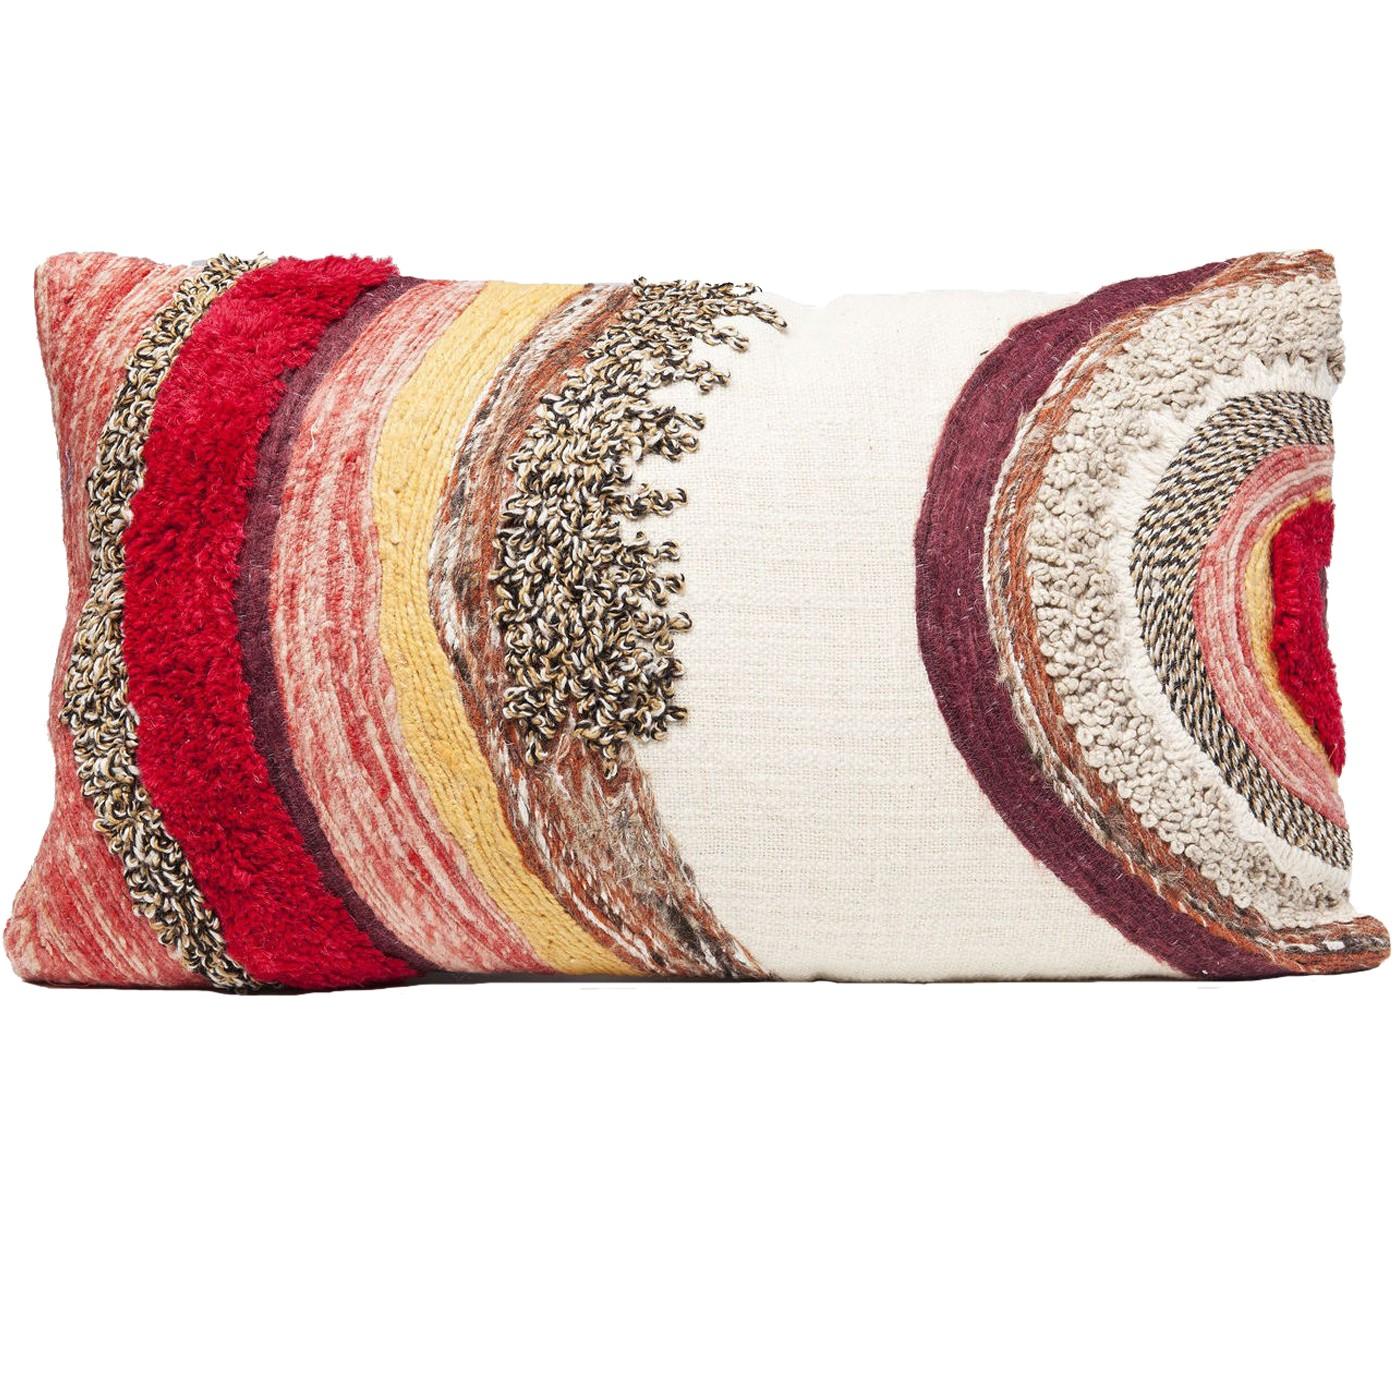 Coussin ethnique rouge en coton 40x60